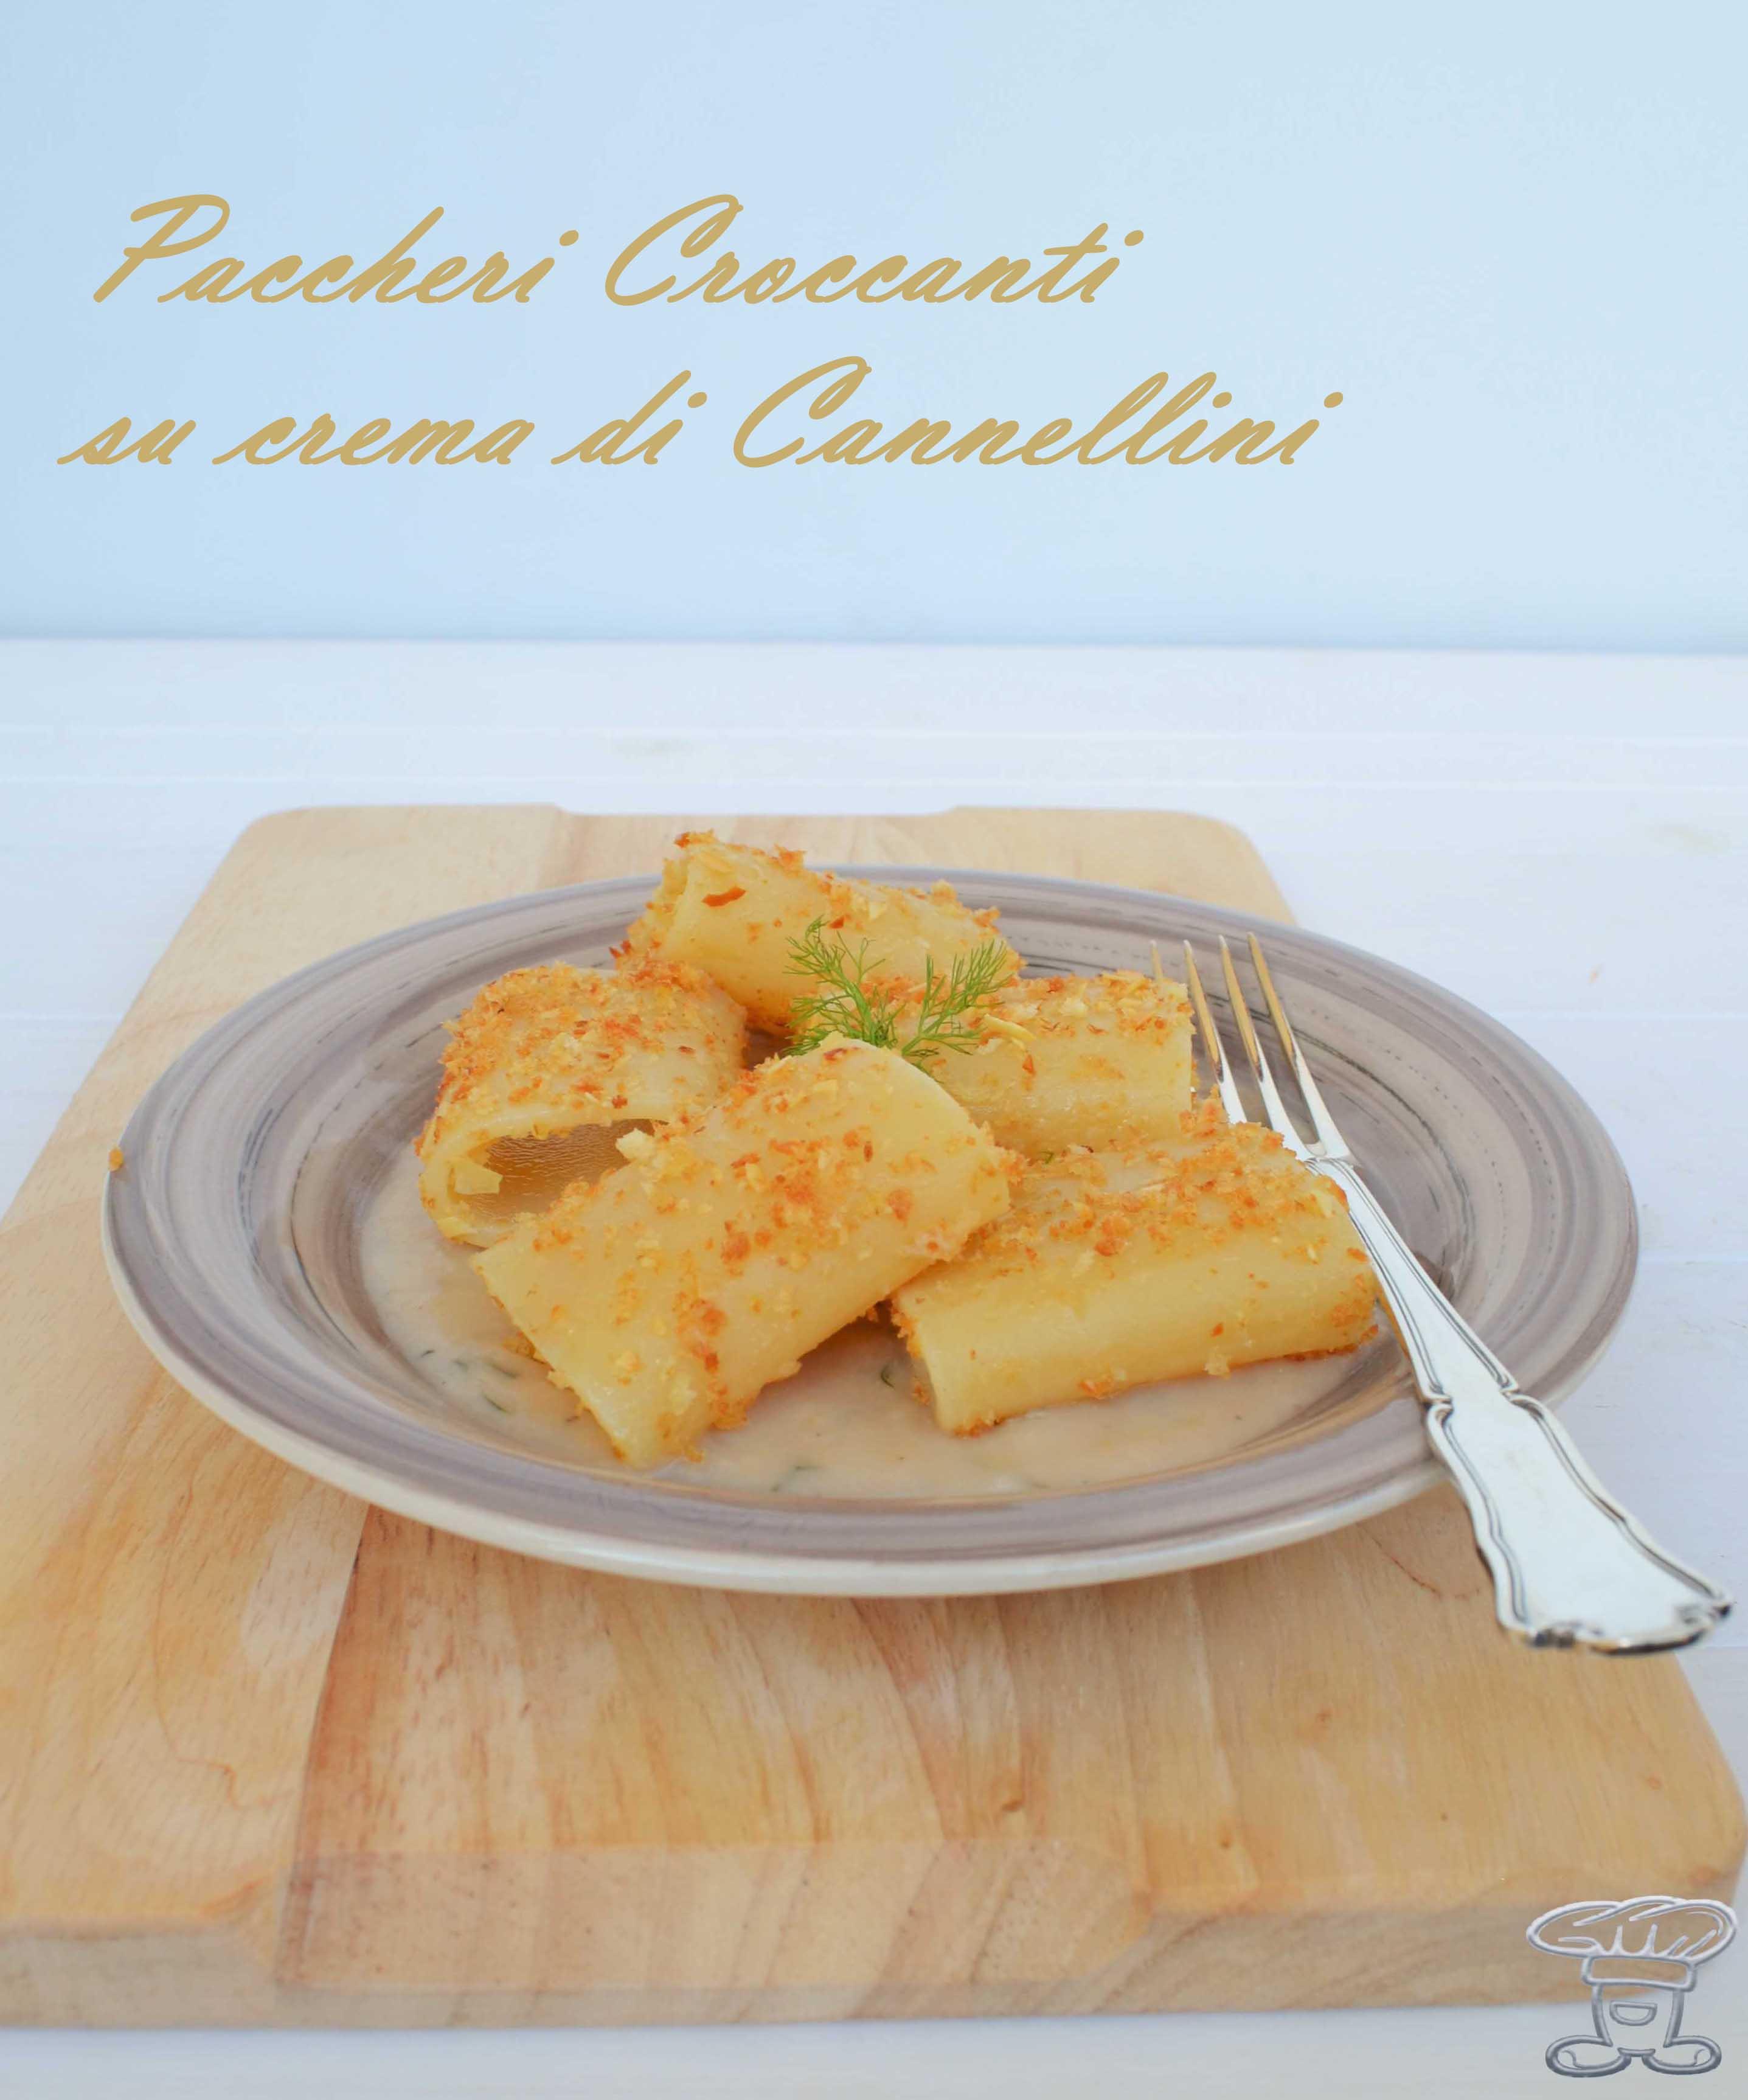 dsc_0676 Paccheri croccanti su crema di Cannellini